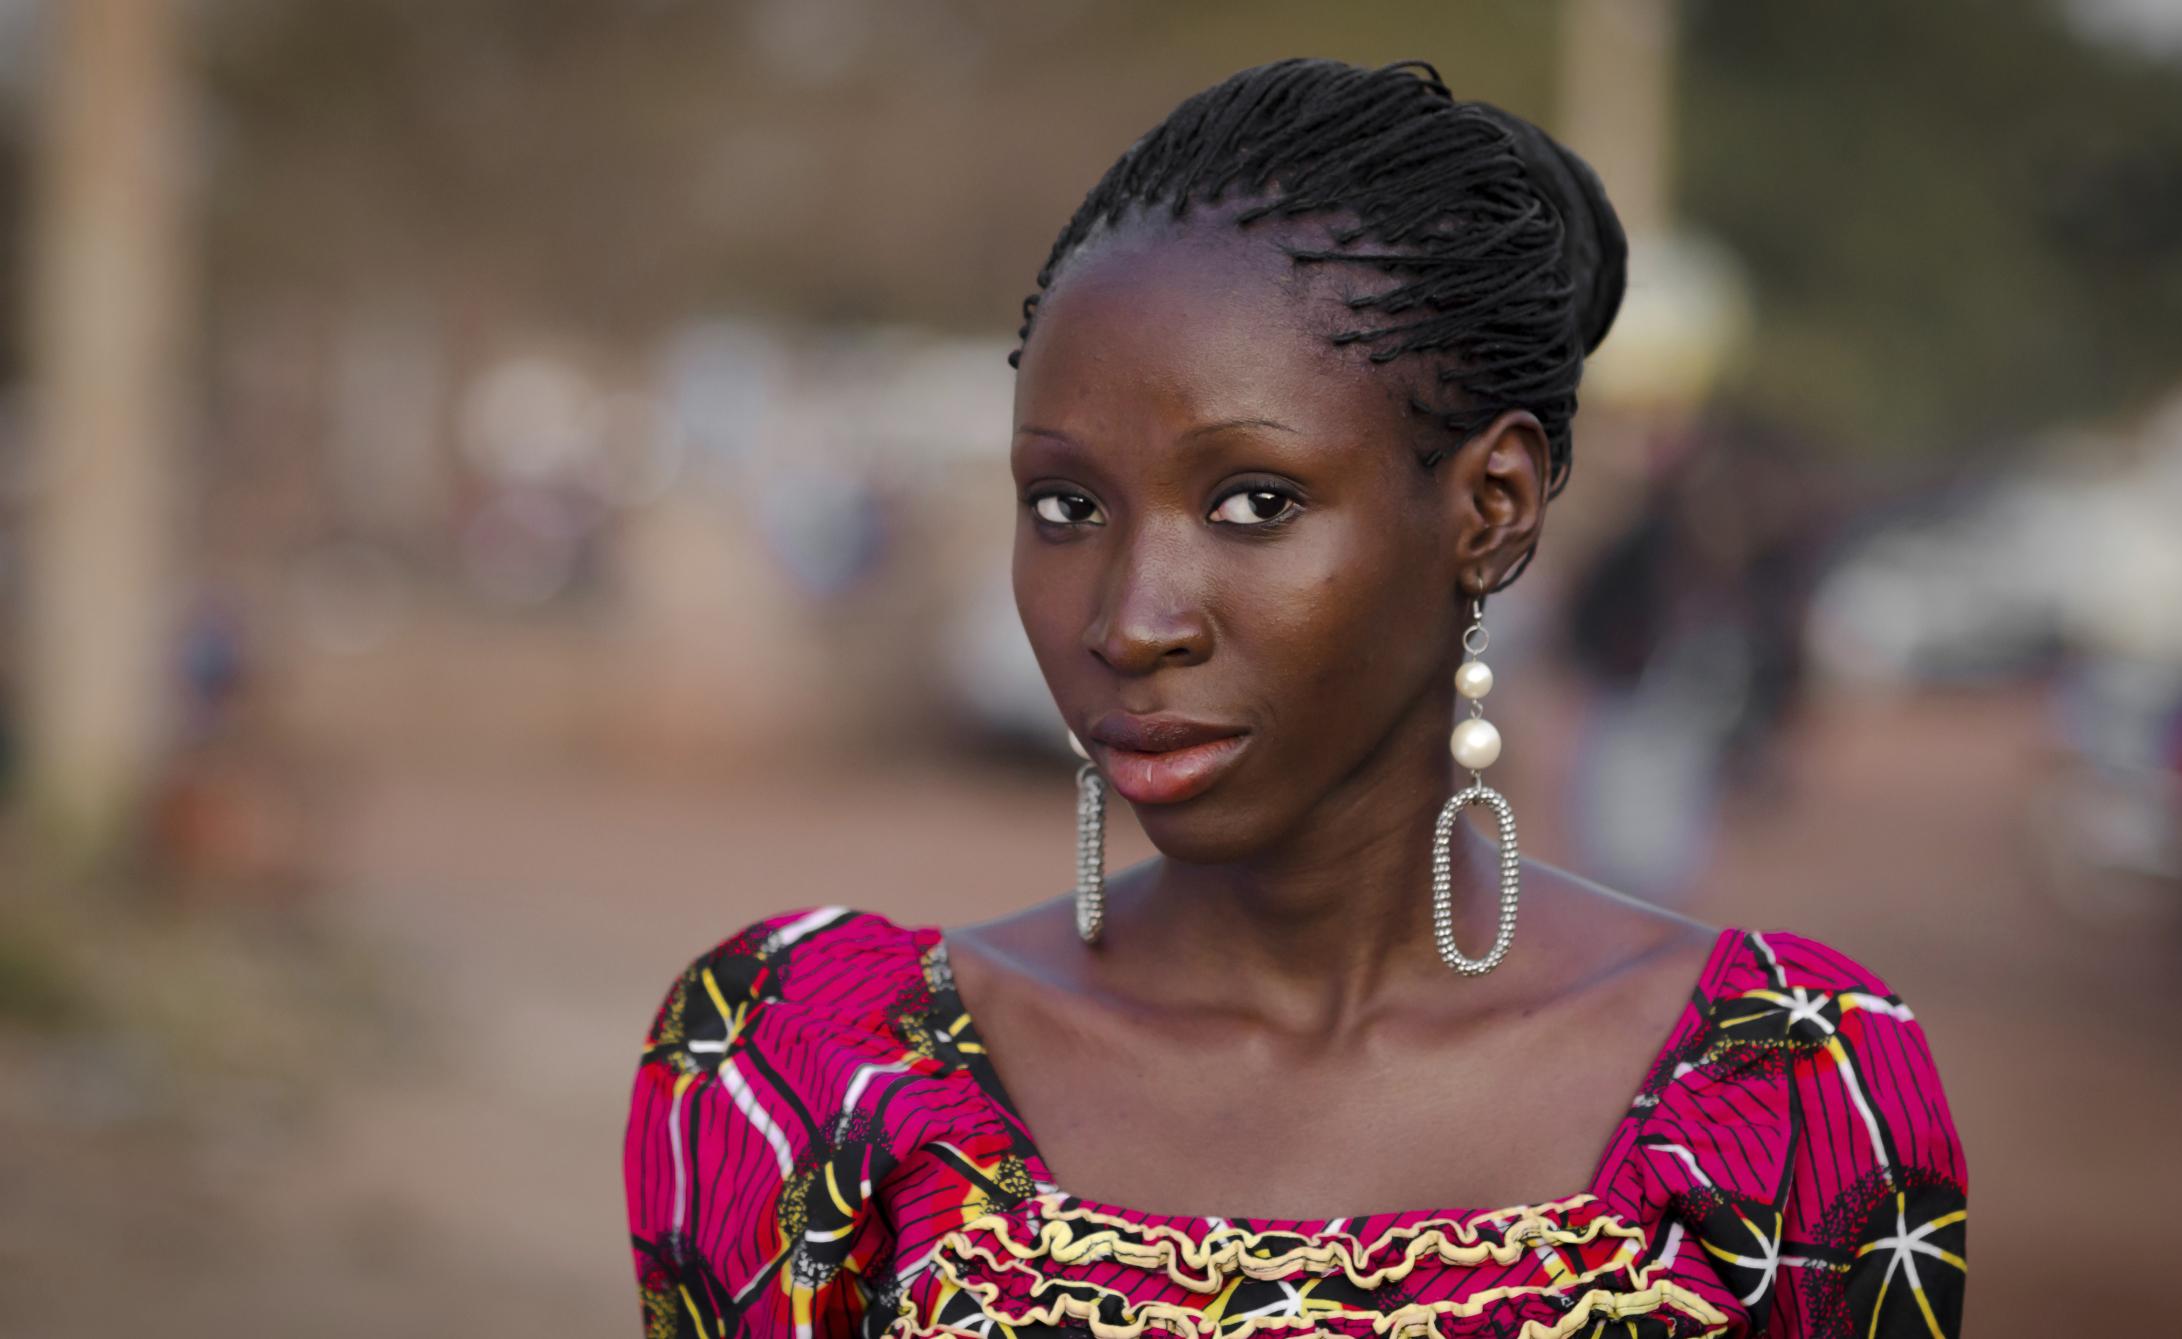 La coppetta mestruale, un grande aiuto per le donne africane